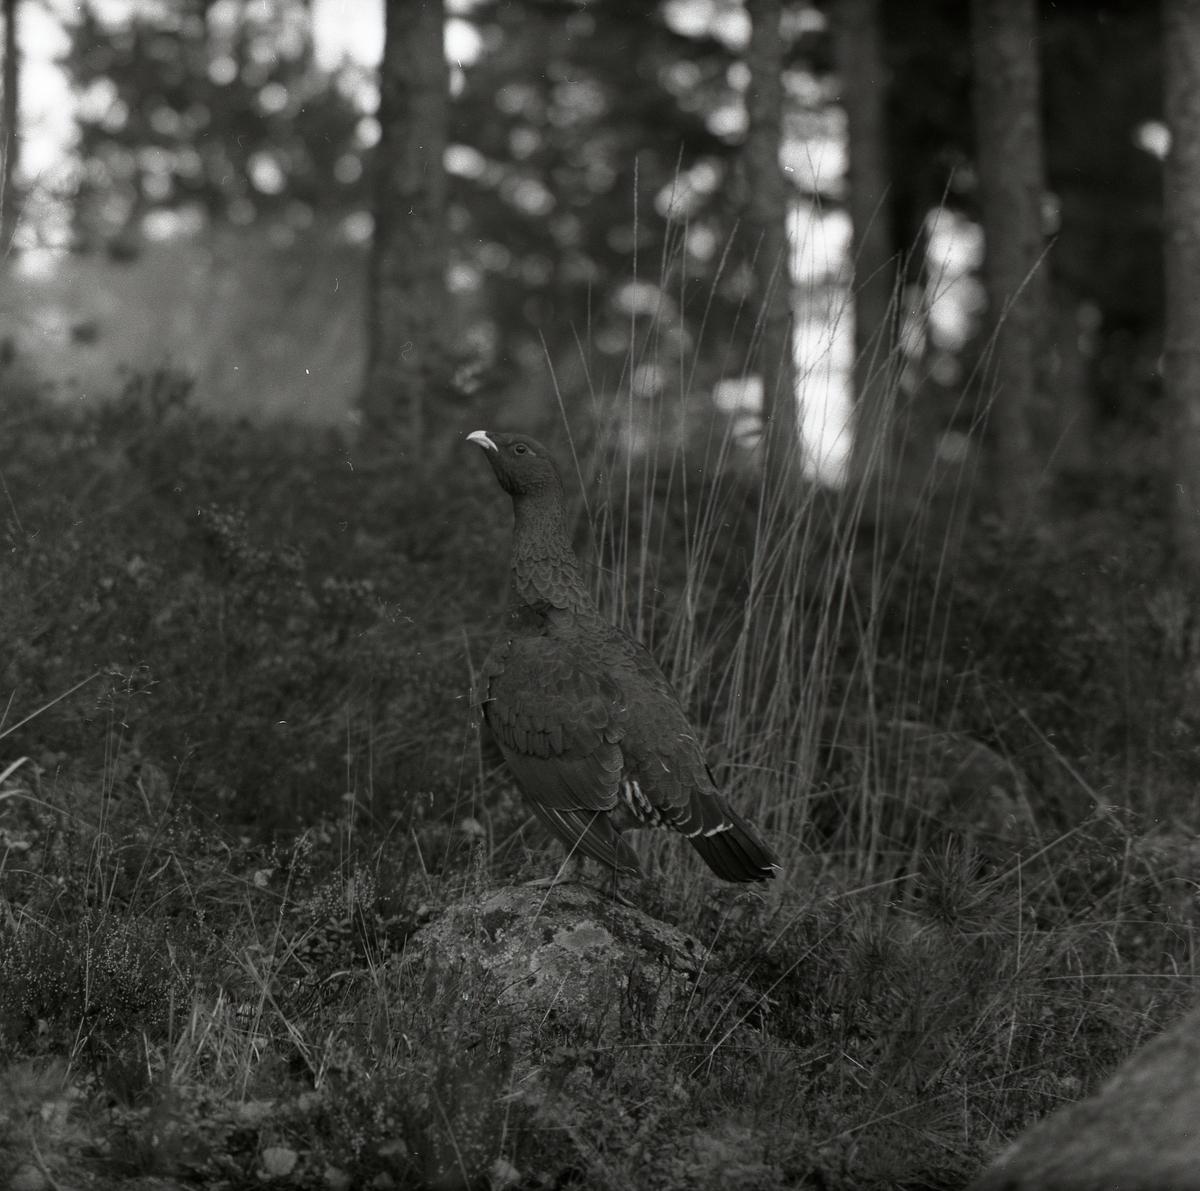 En tjäder sitter på marken på en sten, bland ljung och gräs i en skog, 22 oktober 1957.